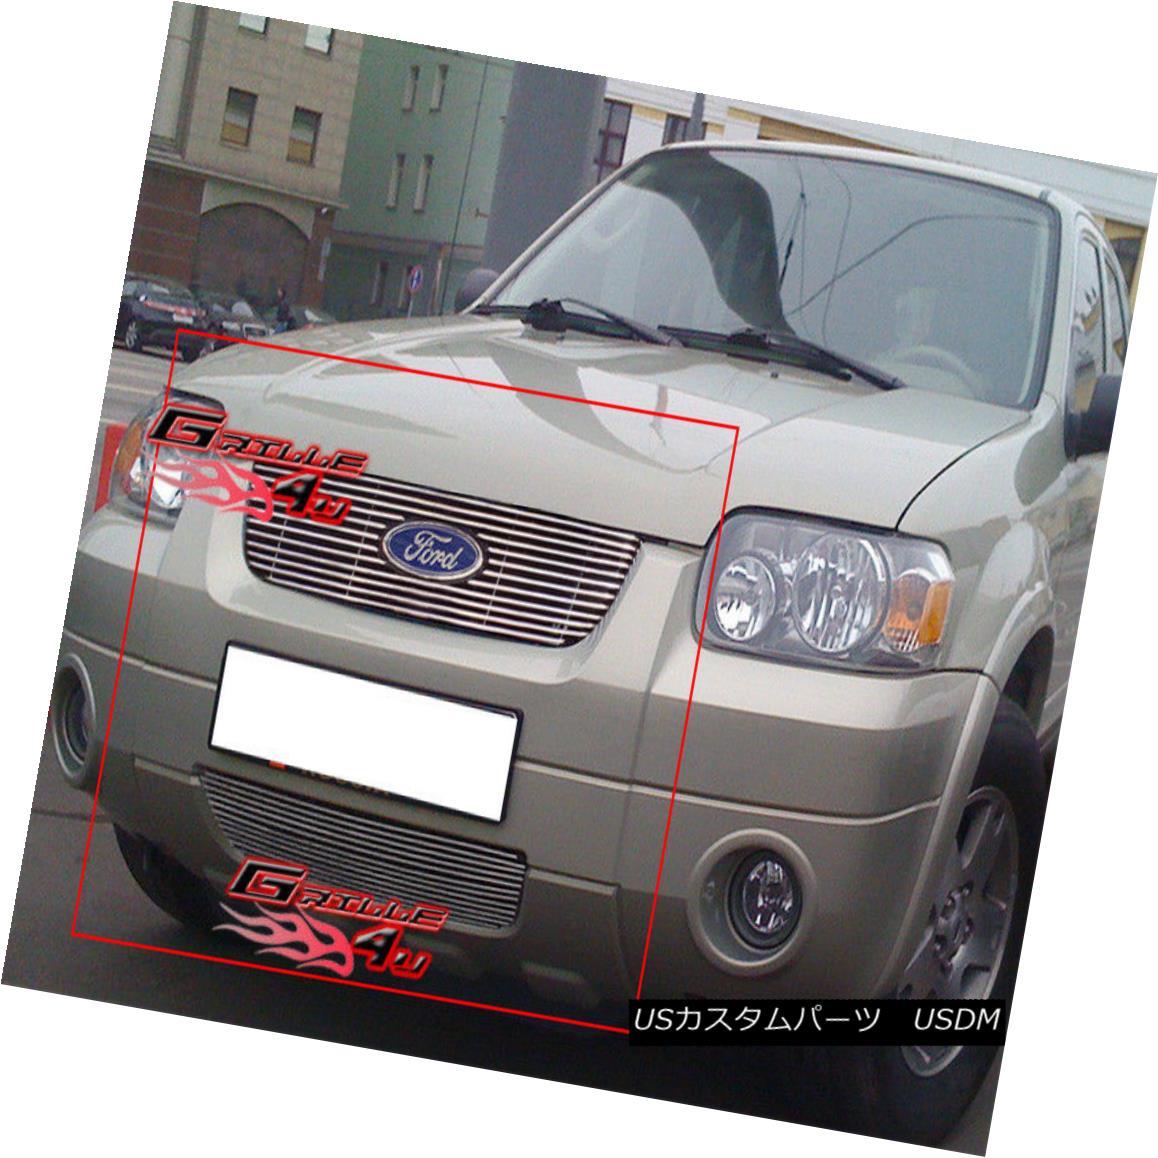 グリル For 05-07 Ford Escape Billet Grille Combo Insert 05-07 Ford Escapeビレットグリルコンボインサート